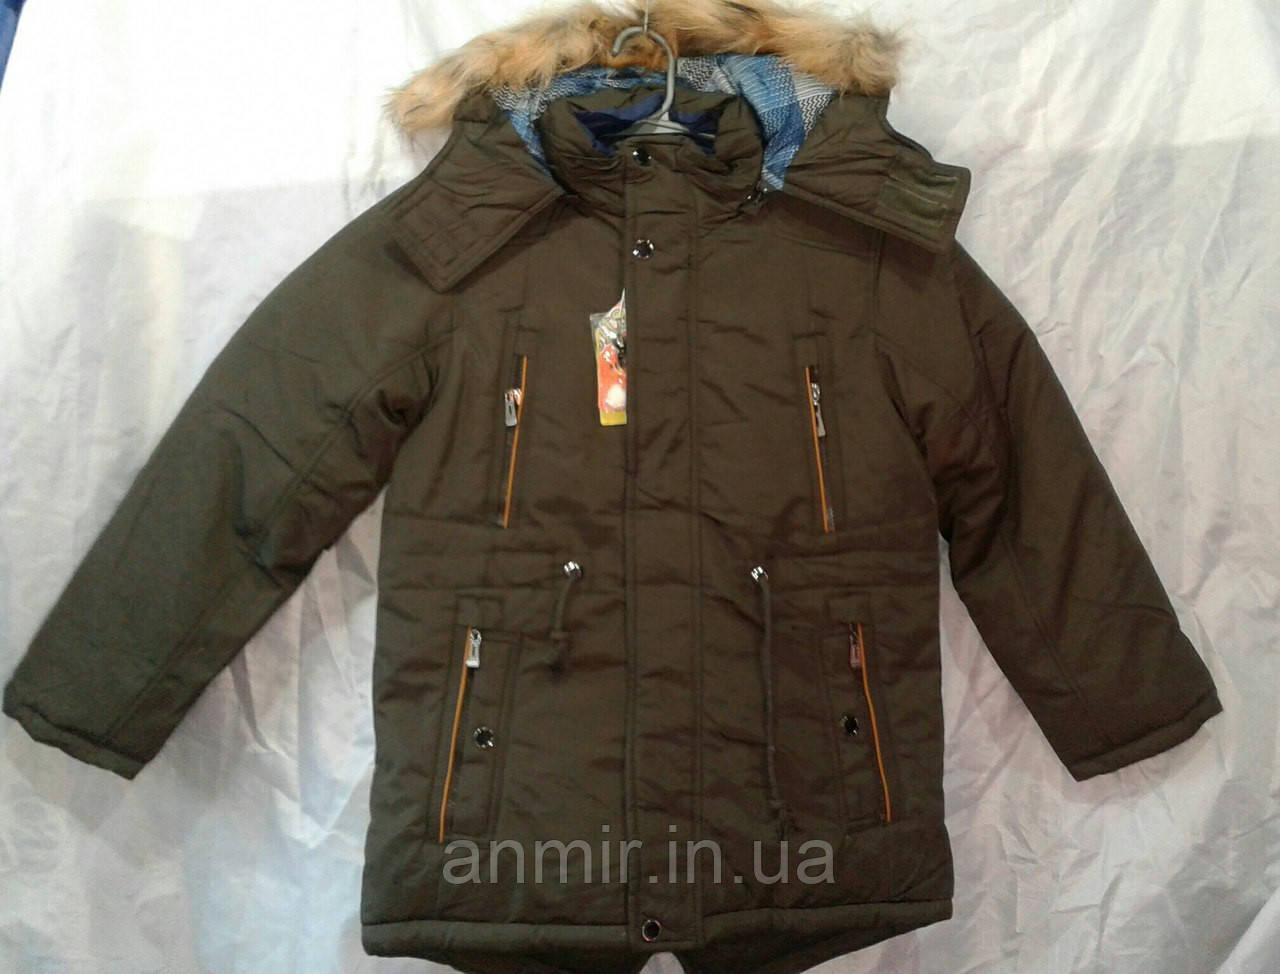 Куртка зимняя парка для мальчика 10-14 лет,коричневая, фото 1